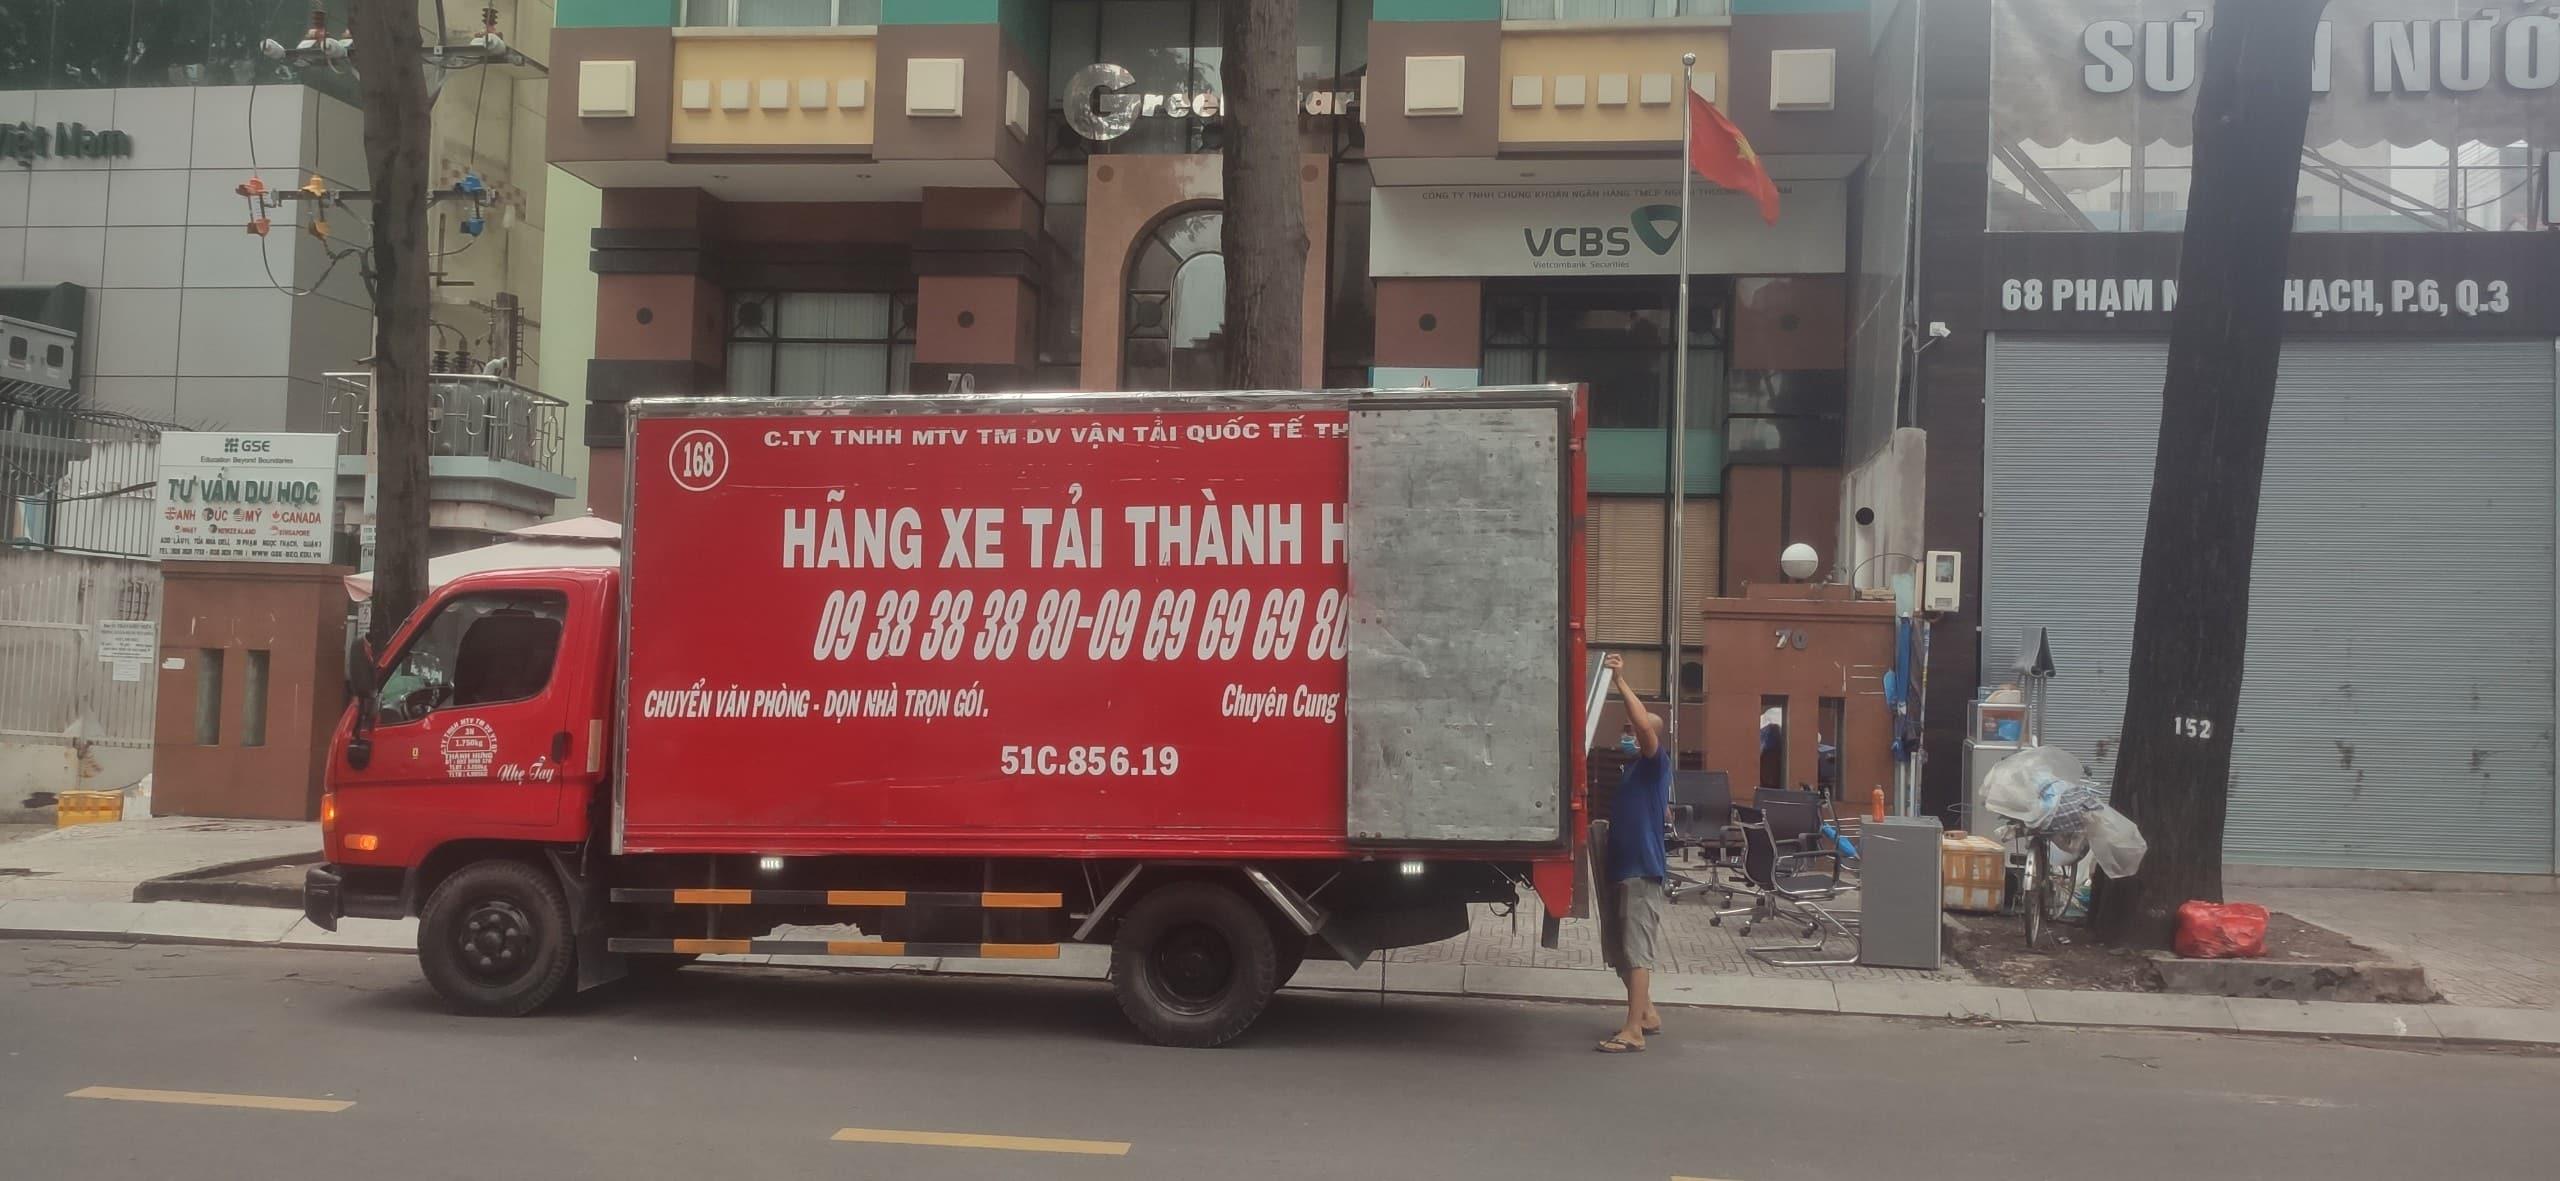 Xe tải chở hàng tphcm thành hưng, 1